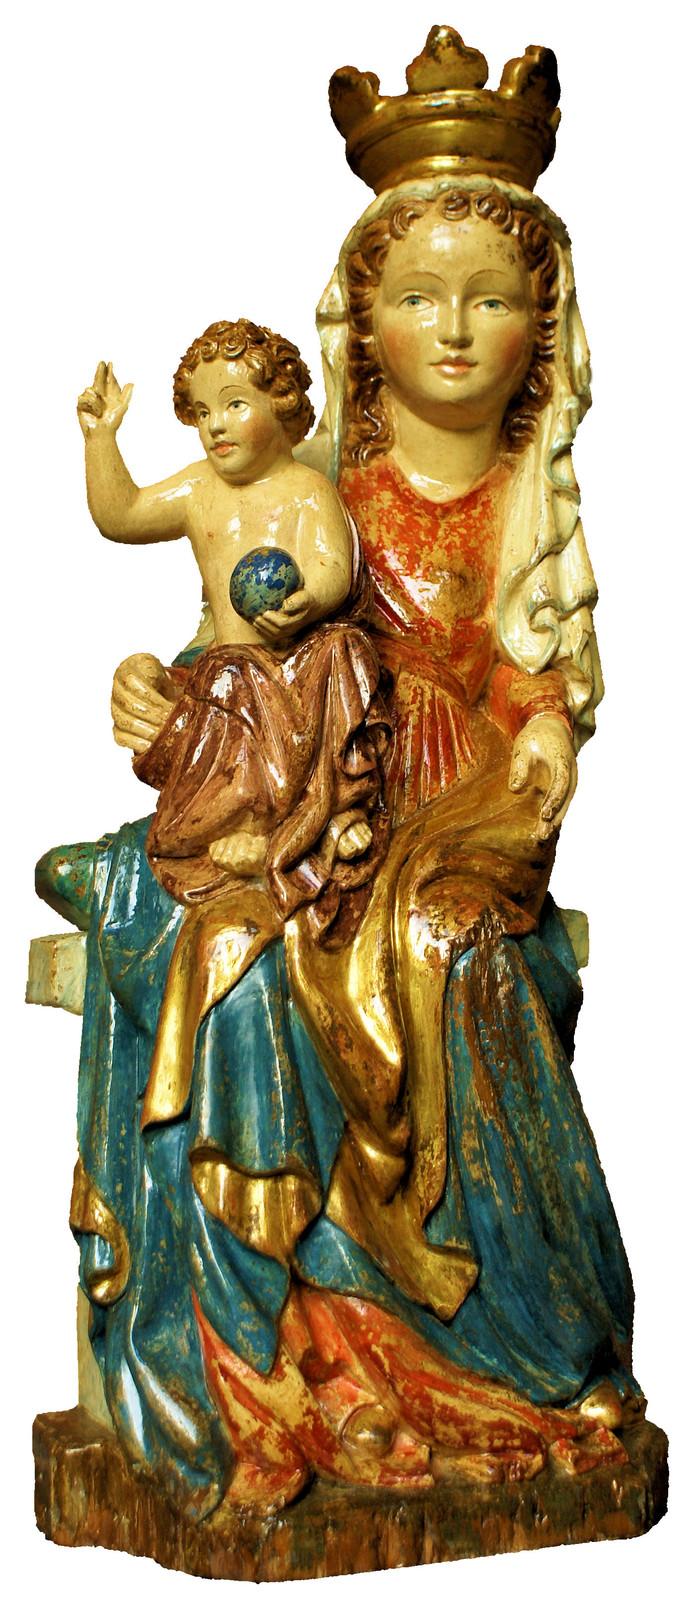 Het gestolen Mariabeeld van de kapel in de vrouwentuin van trappistenabdij Koningshoeven